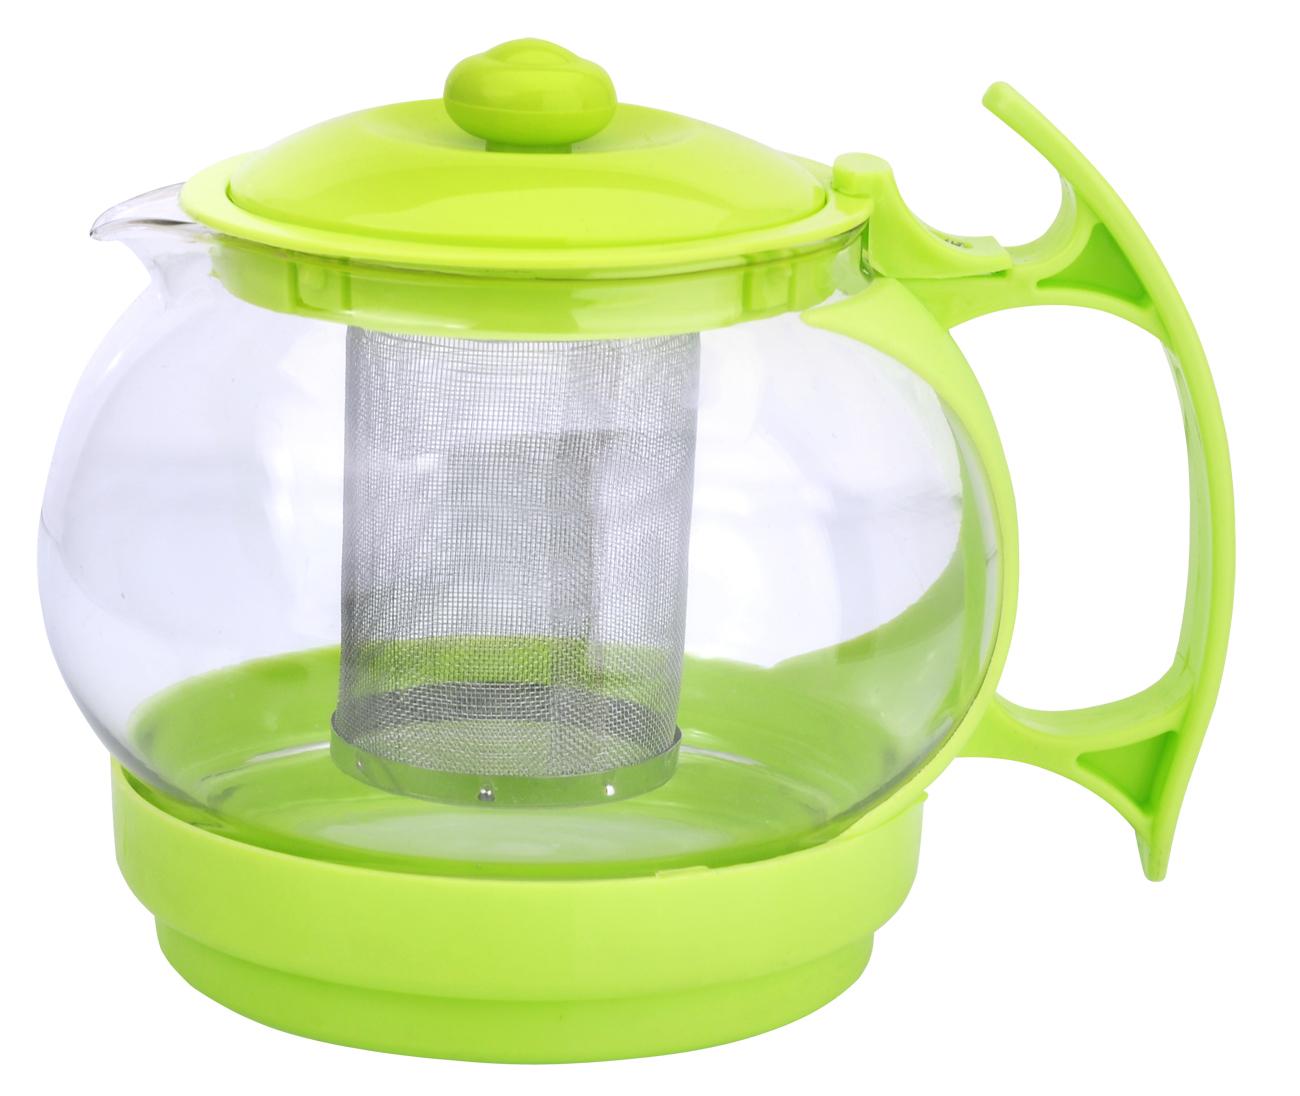 Чайник заварочный МФК-профит, стеклянный, цвет: зеленый, 1100 мл827